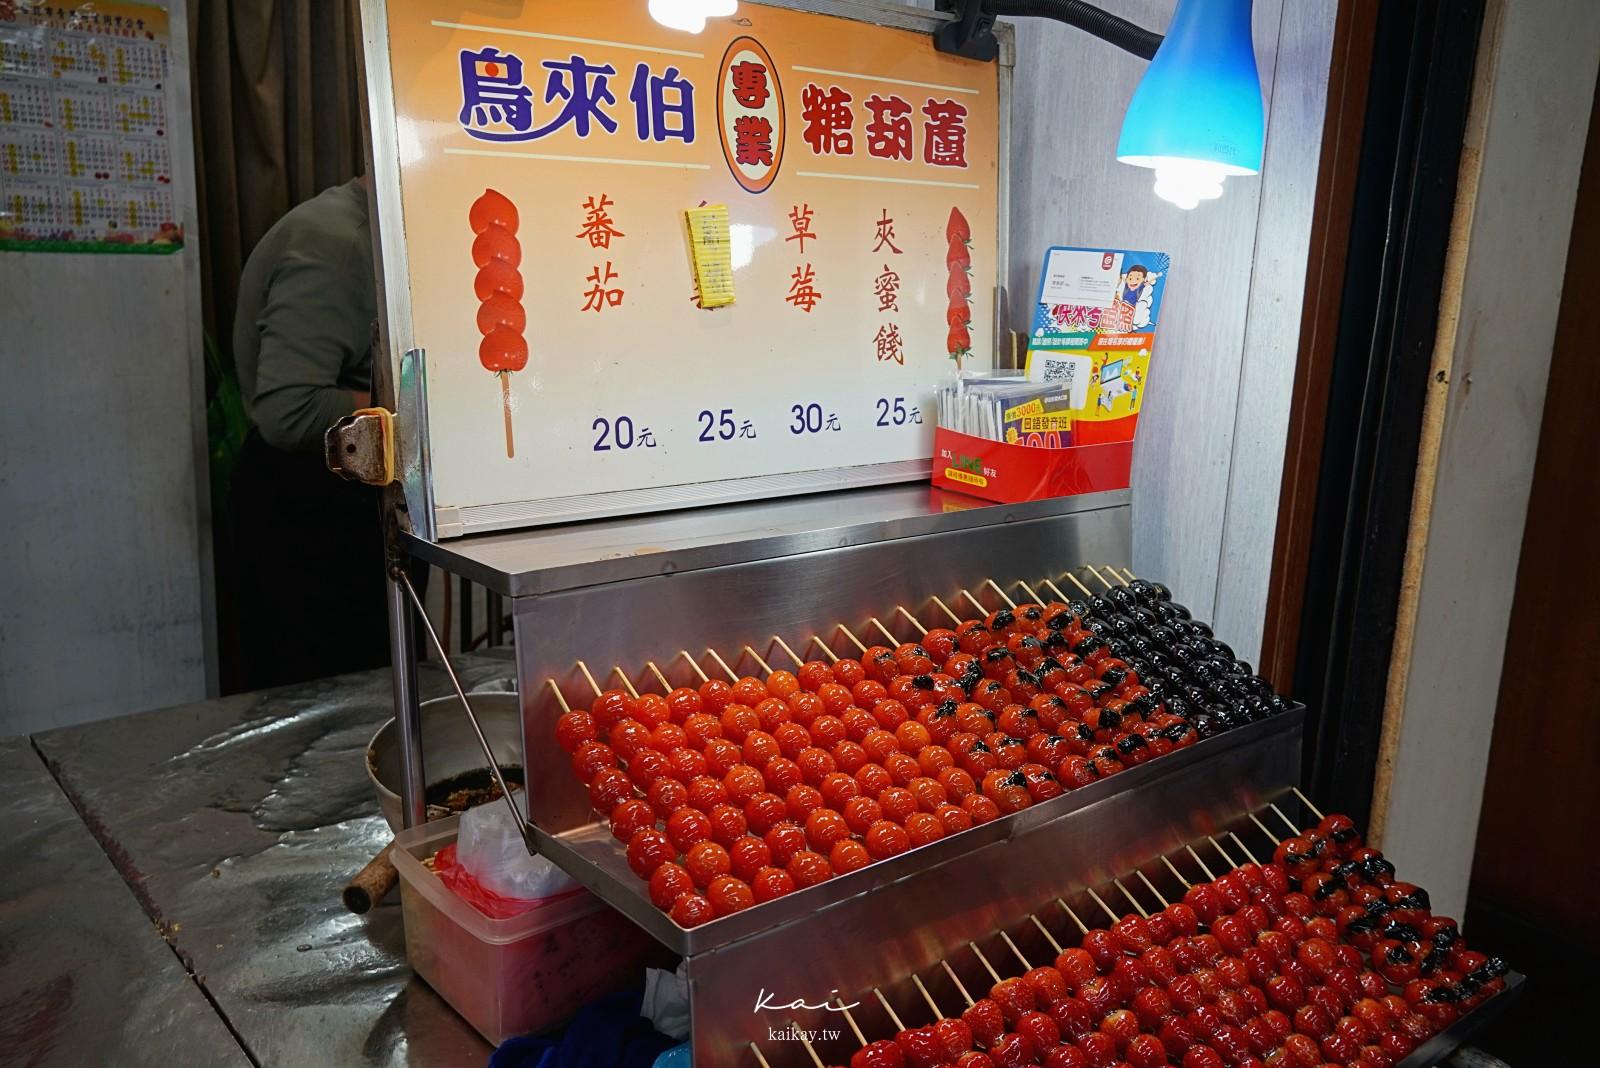 ☆【新北 府中站】板橋鳥來伯糖葫蘆。板橋老夫妻每日手工糖葫蘆